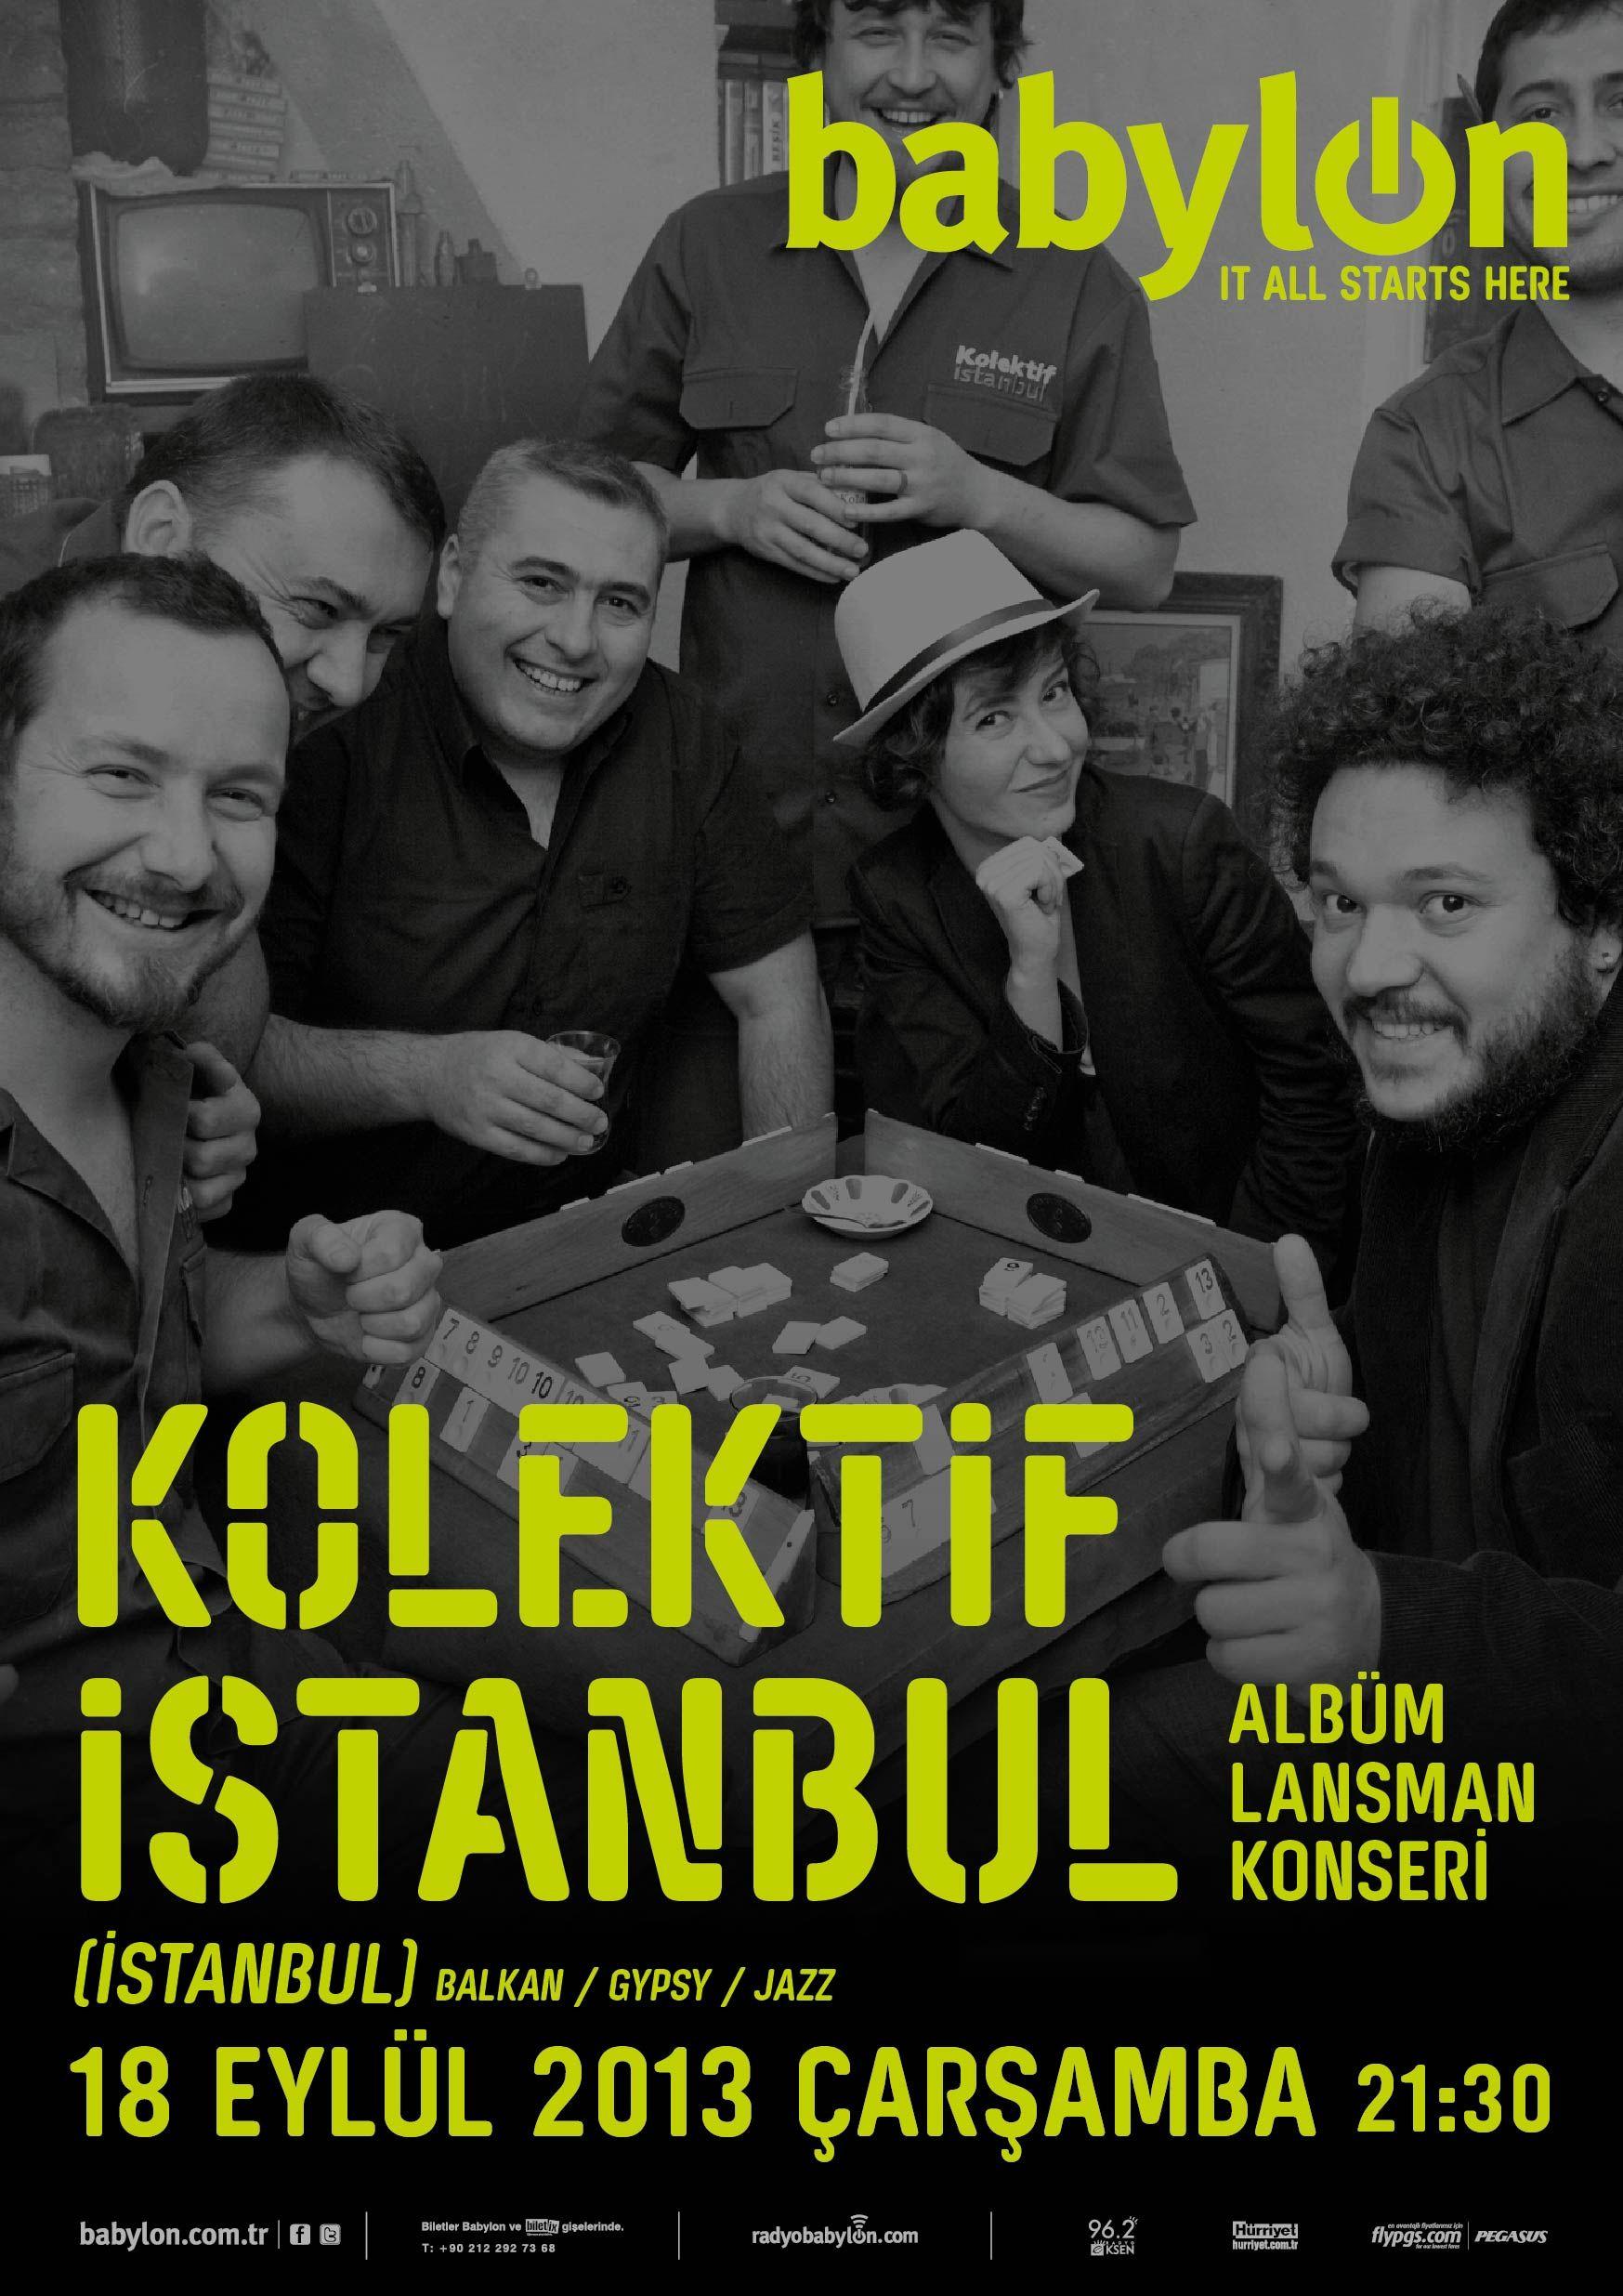 Kolektif Istanbul - 18 Eylül Çarşamba